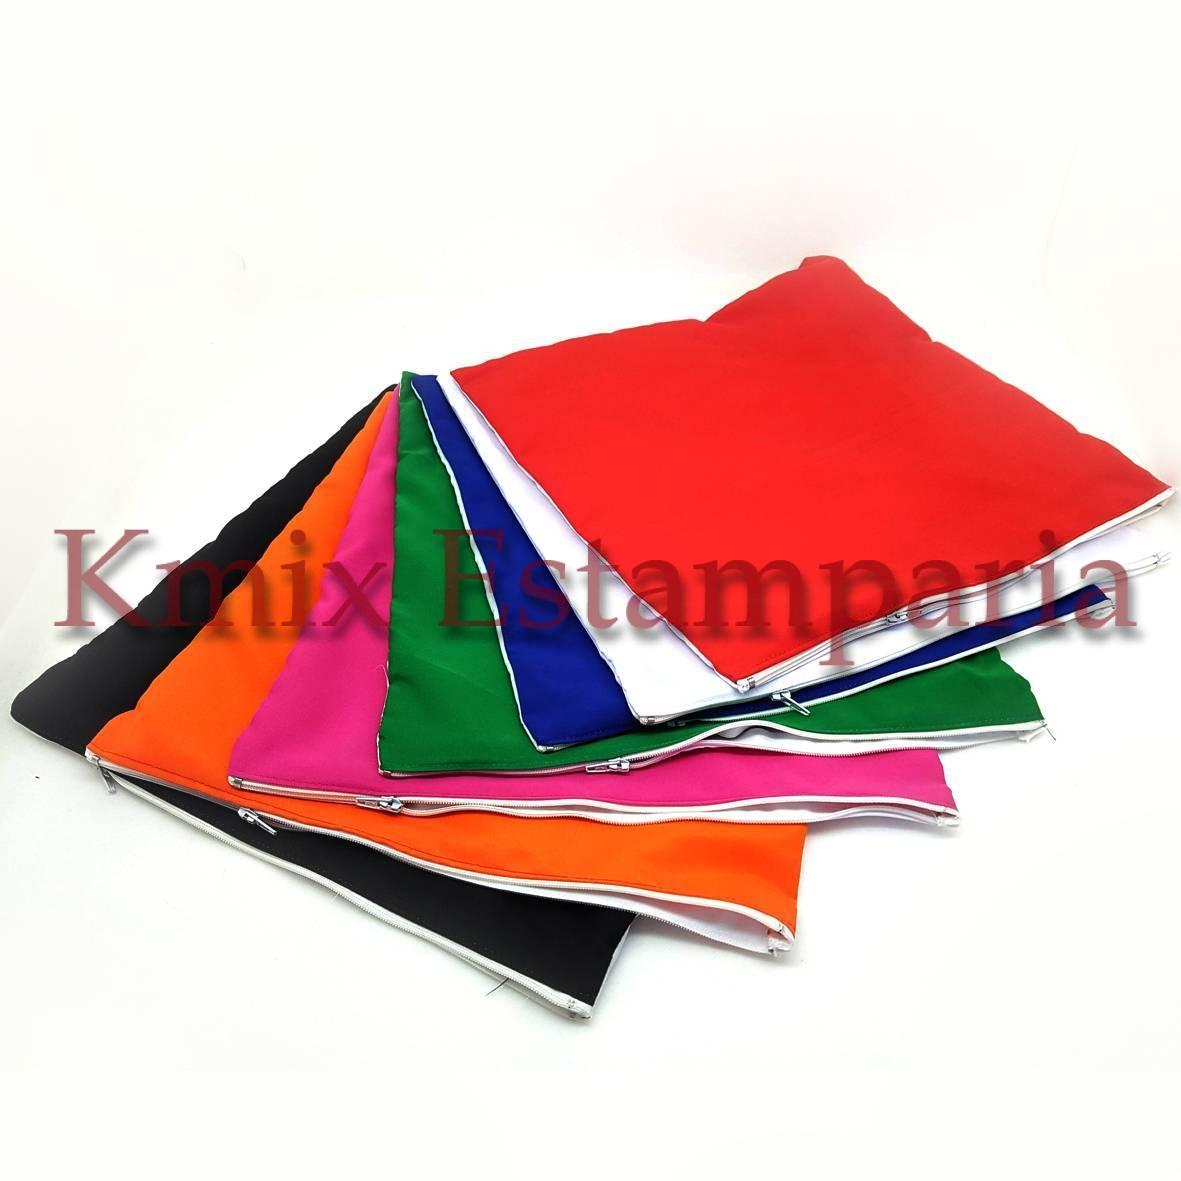 Capas 40x40 cm para sublimação com ziper (pedido minimo 10 peças)